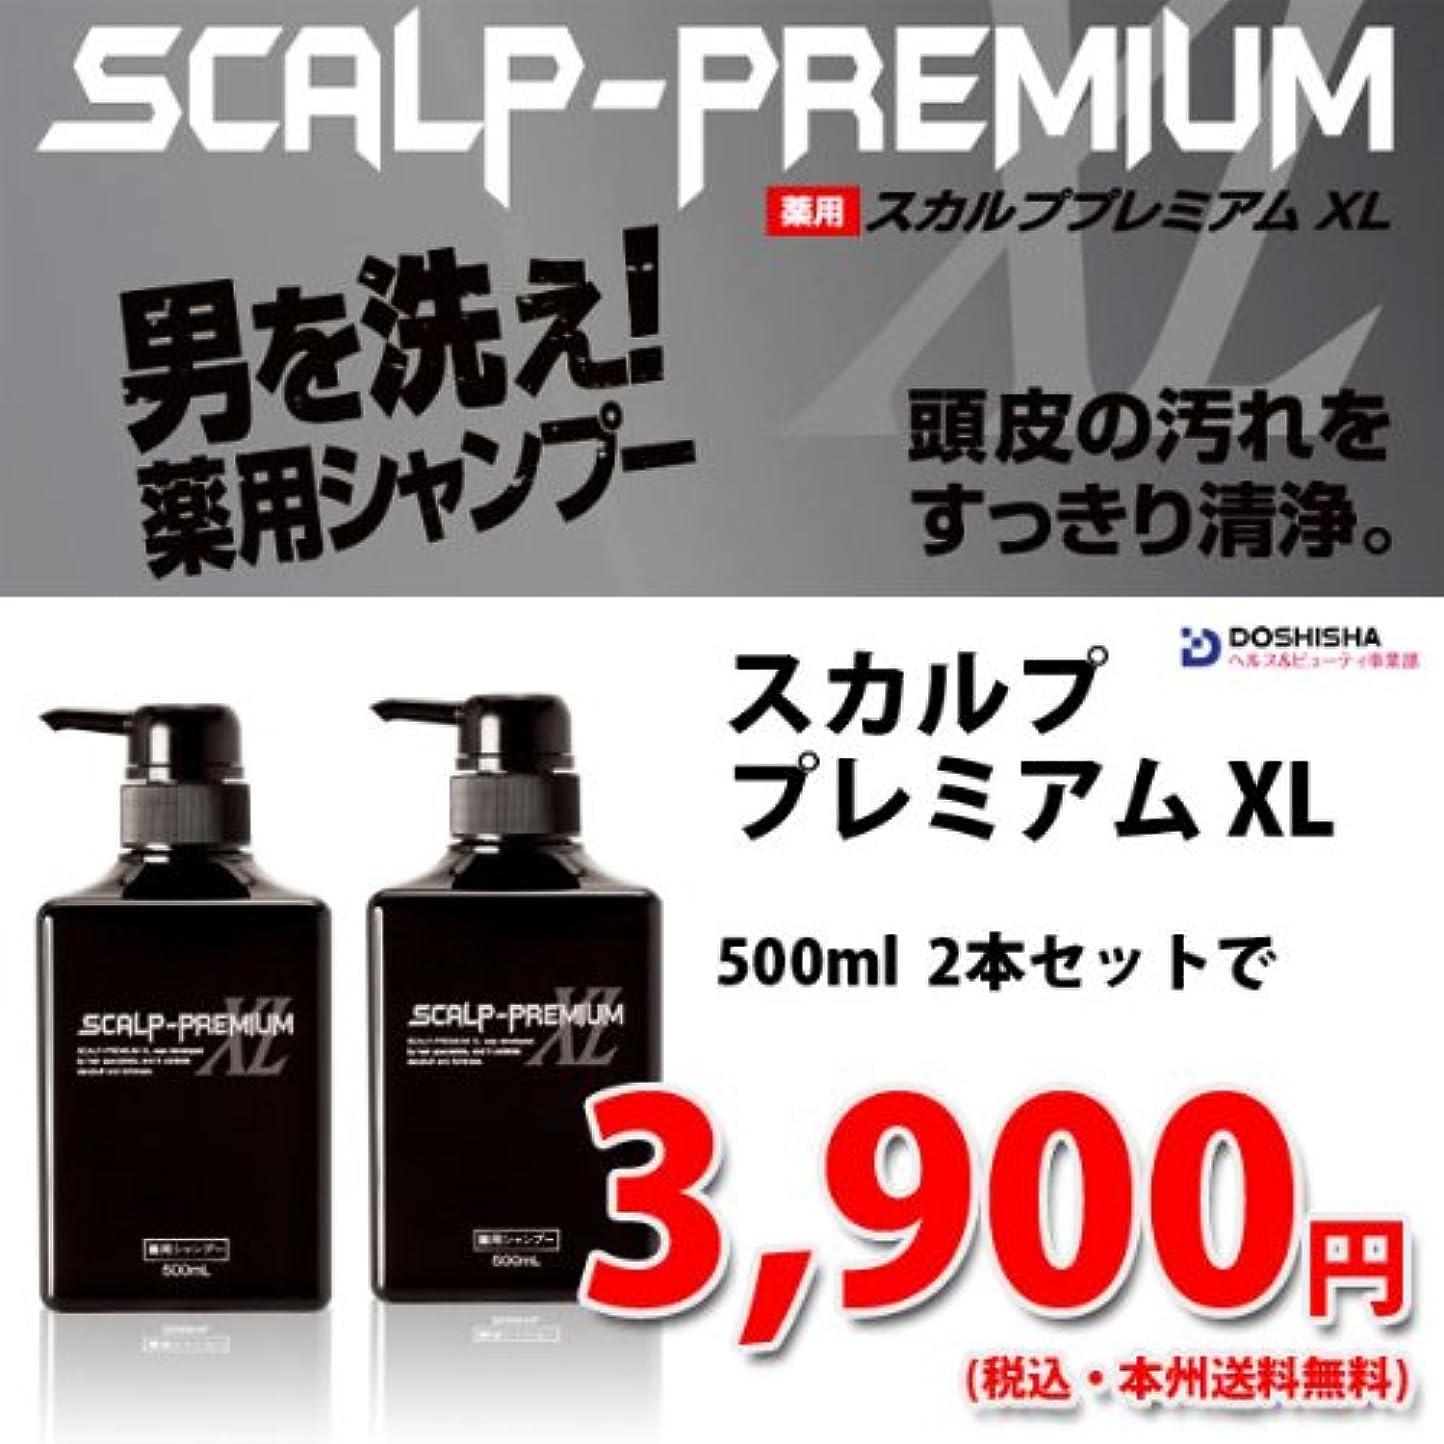 謝罪振幅代表する頭皮ケア スカルププレミアムXL シャンプー 500ml×2本